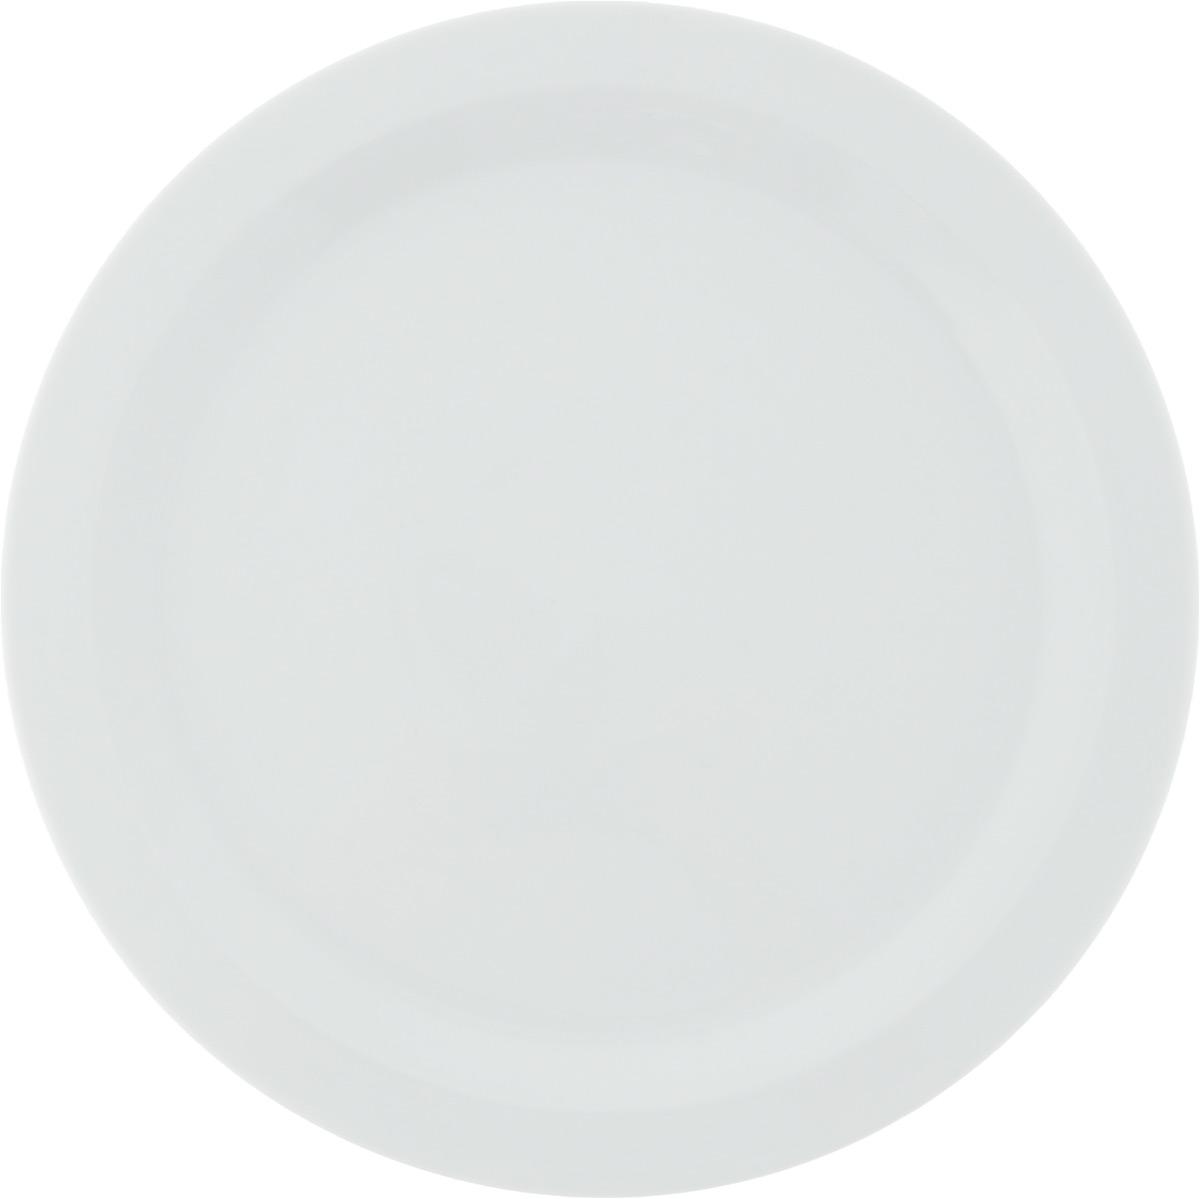 Тарелка обеденная Tescoma Gustito, диаметр 27 см386326Обеденная тарелка Tescoma Gustito изготовлена из первоклассного фарфора с глазурованным покрытием. Изделие идеально подходит для сервировки любого стола. Такая тарелка прекрасно впишется в интерьер вашей кухни и станет достойным дополнением к кухонному инвентарю. Подходит для использования в микроволновой печи и холодильнике. Можно мыть посудомоечной машине.